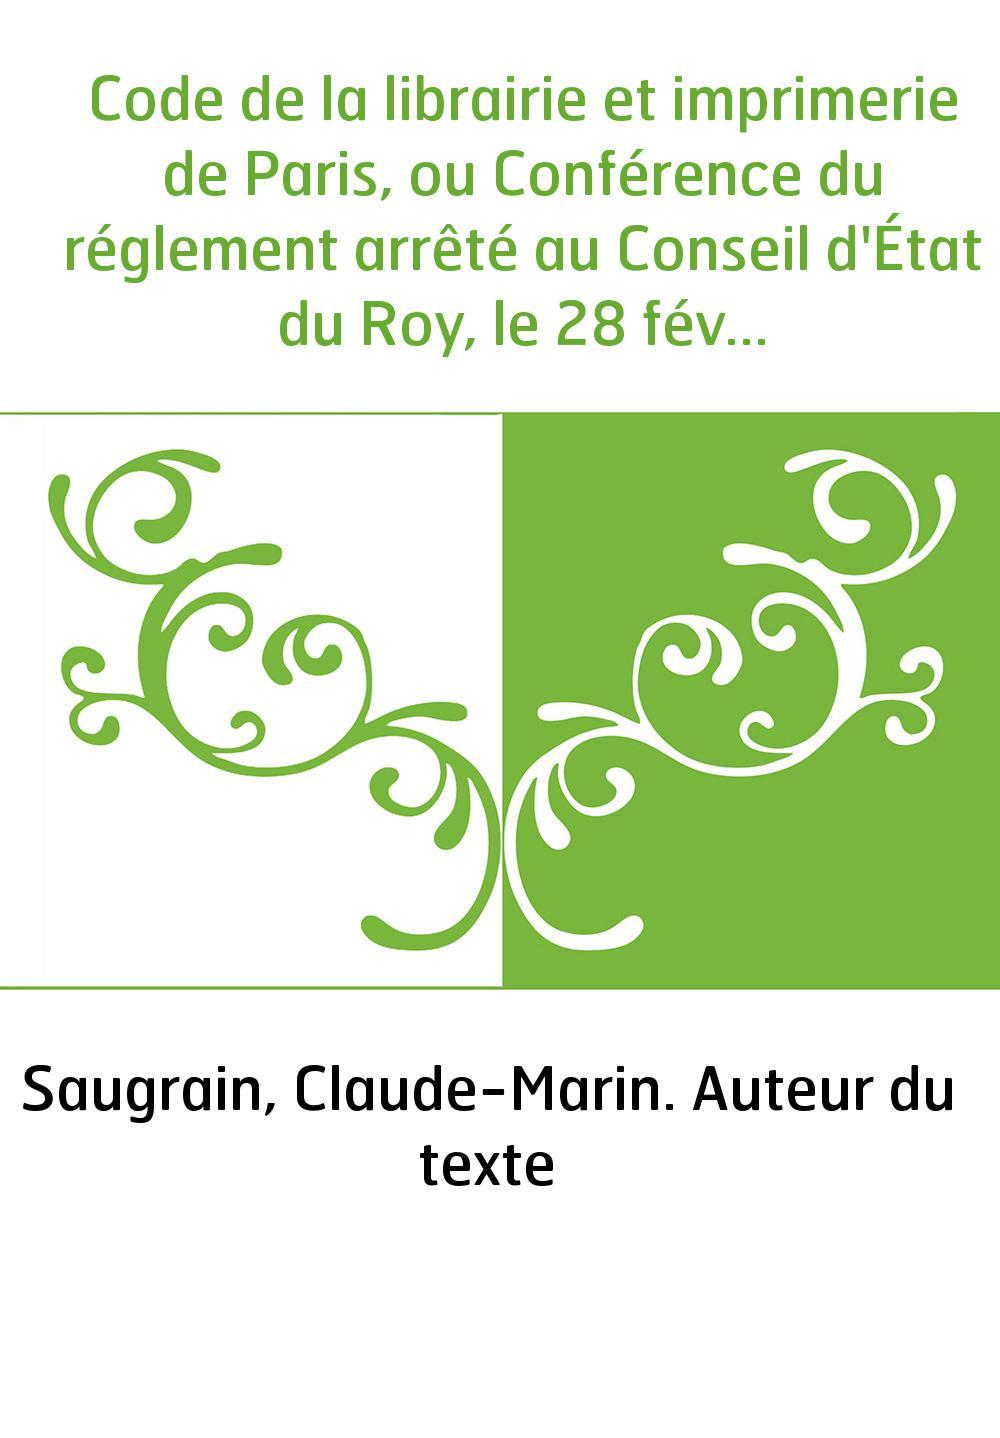 Code de la librairie et imprimerie de Paris, ou Conférence du réglement arrêté au Conseil d'État du Roy, le 28 février 1723, et